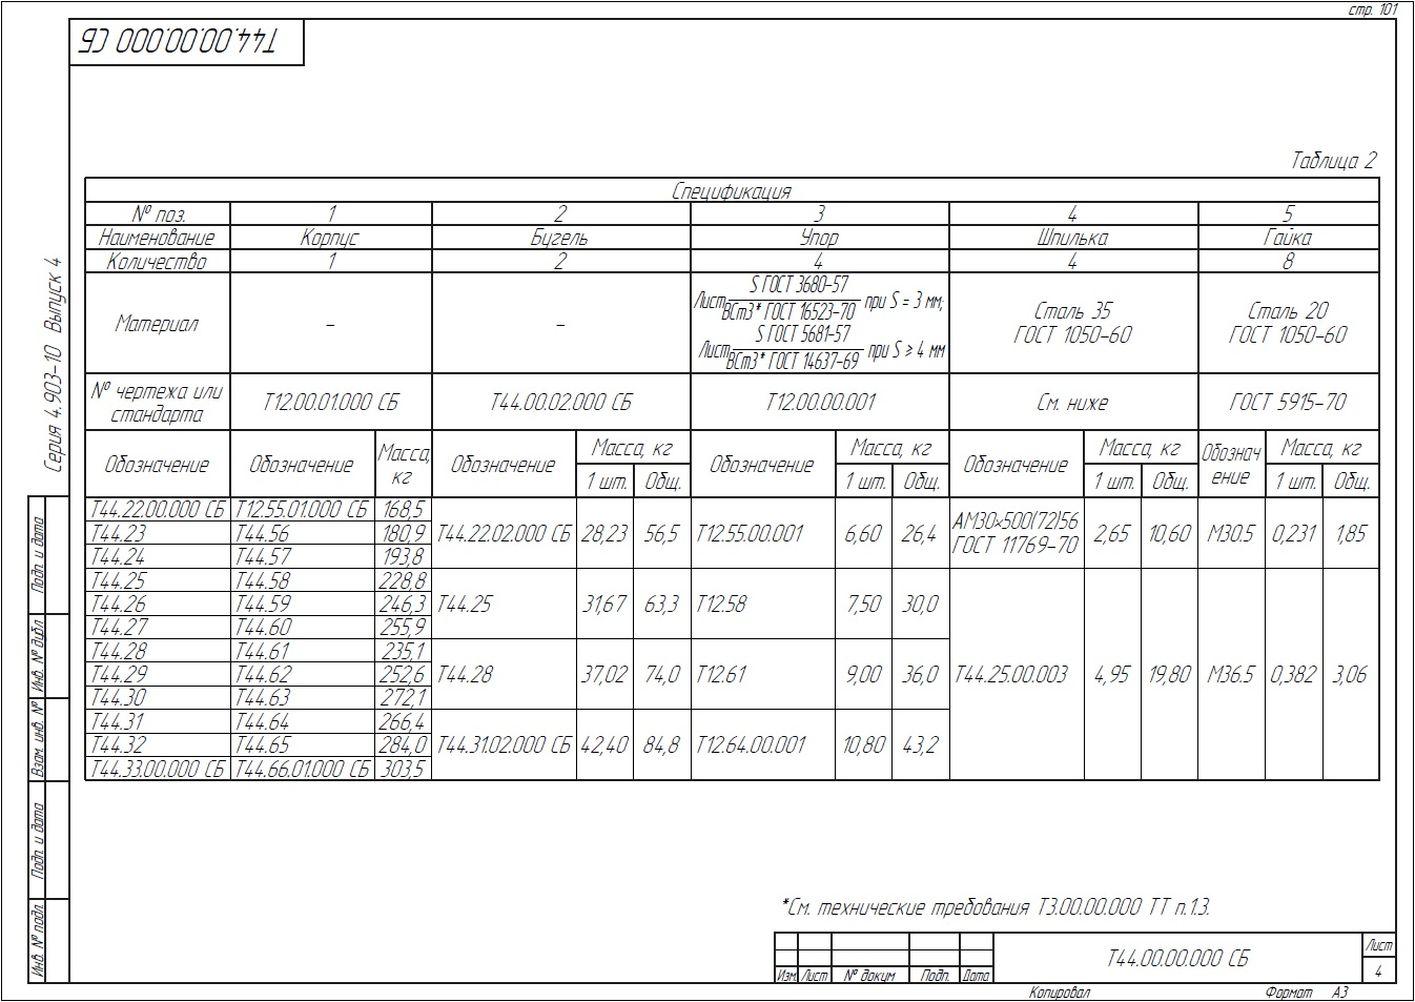 Опора неподвижная бугельная Т44 серия 4.903-10 вып.4 стр.4